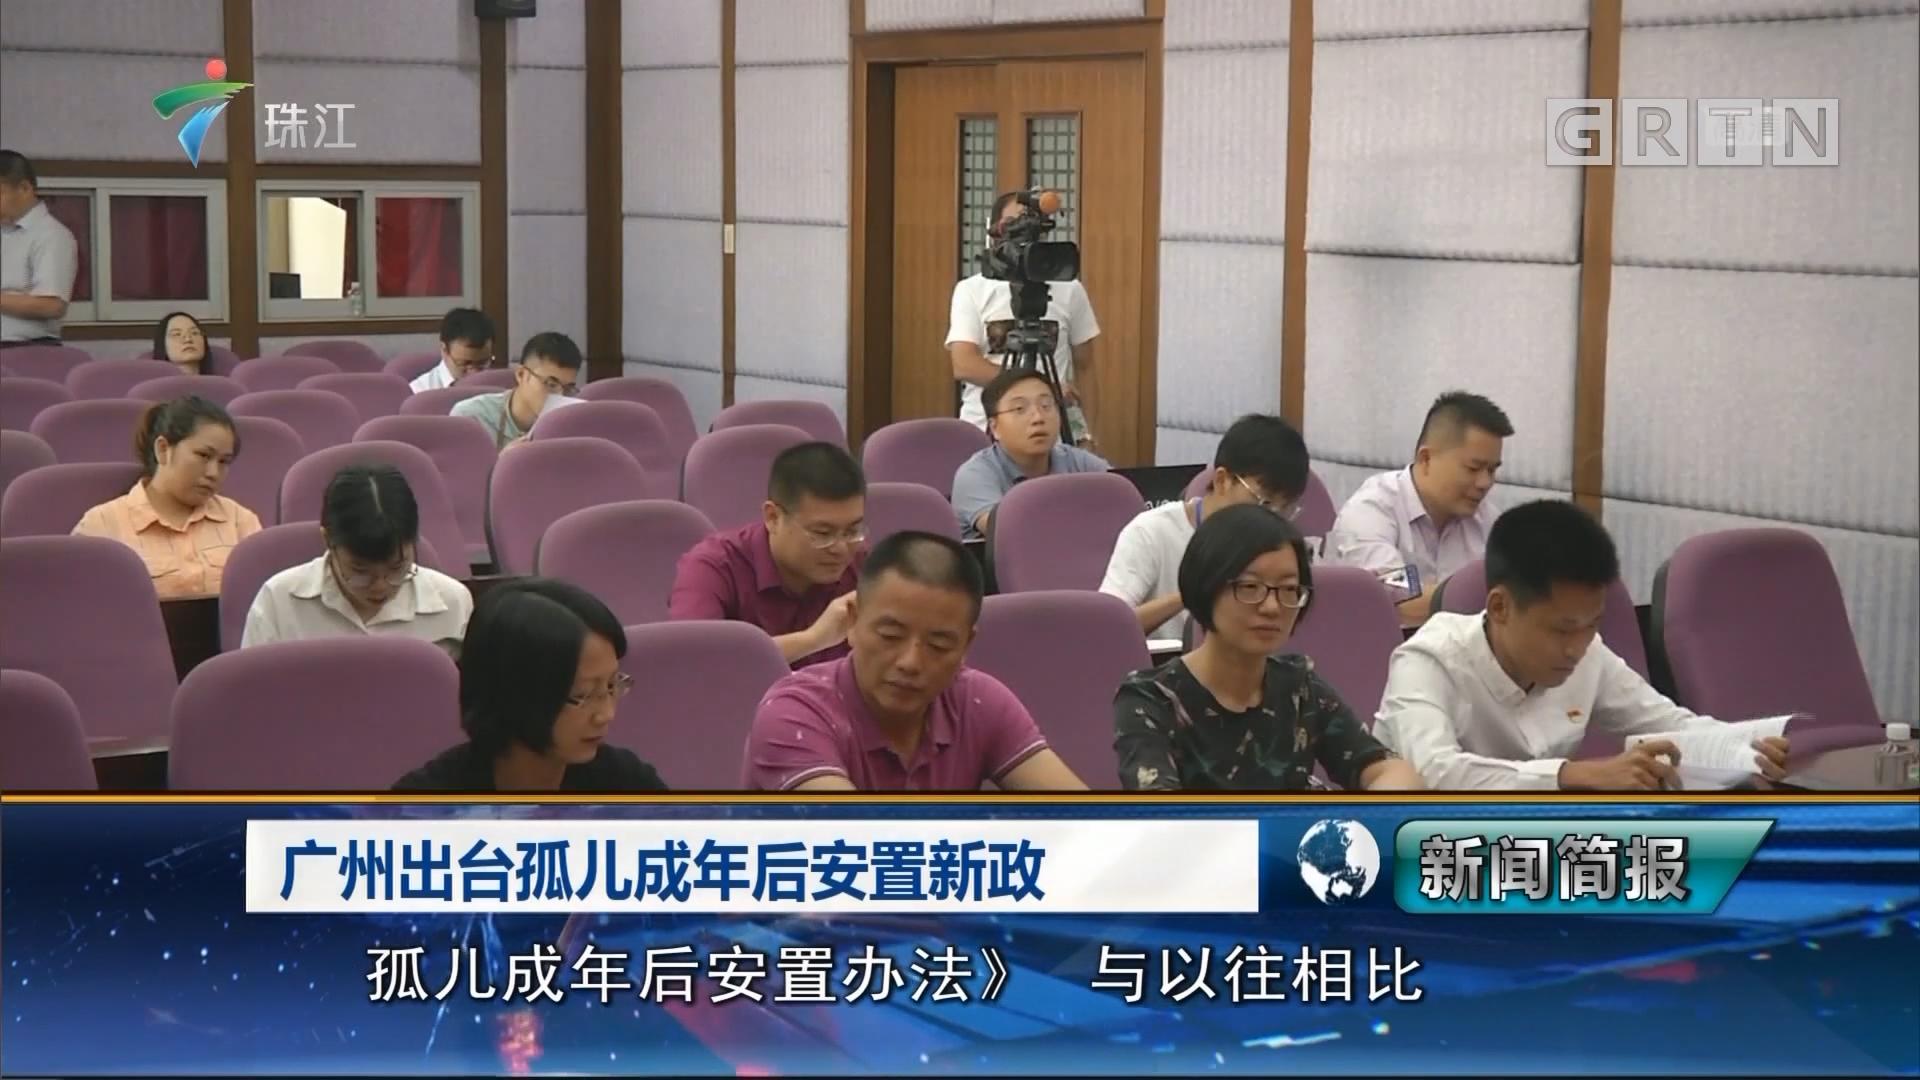 广州出台孤儿成年后安置新政